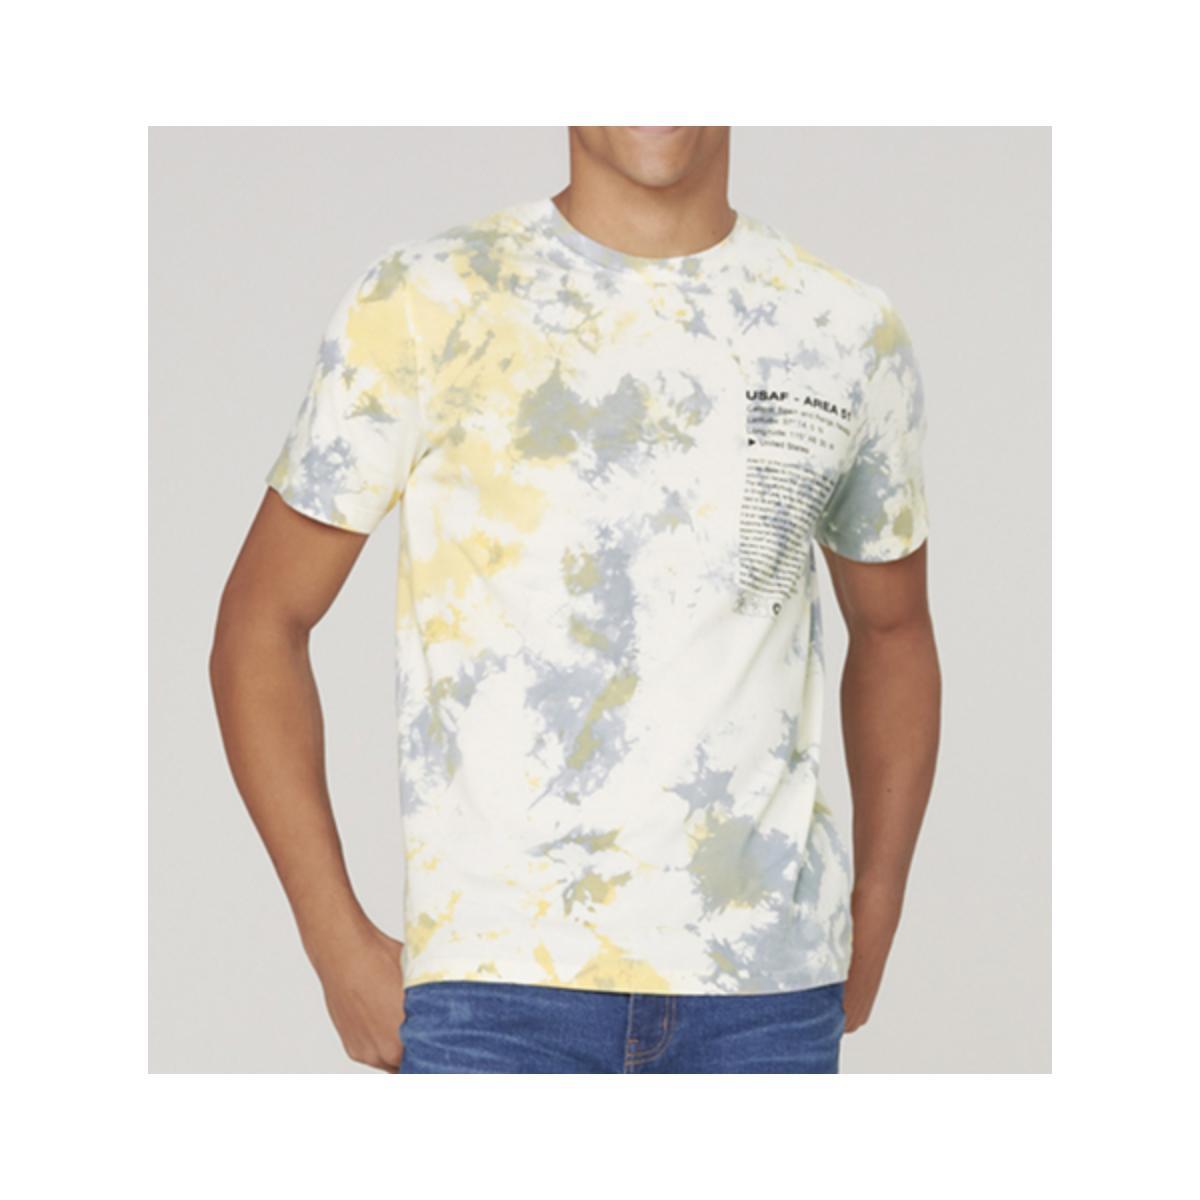 Camiseta Masculina Dzarm 6r8c 1aen Off White Color